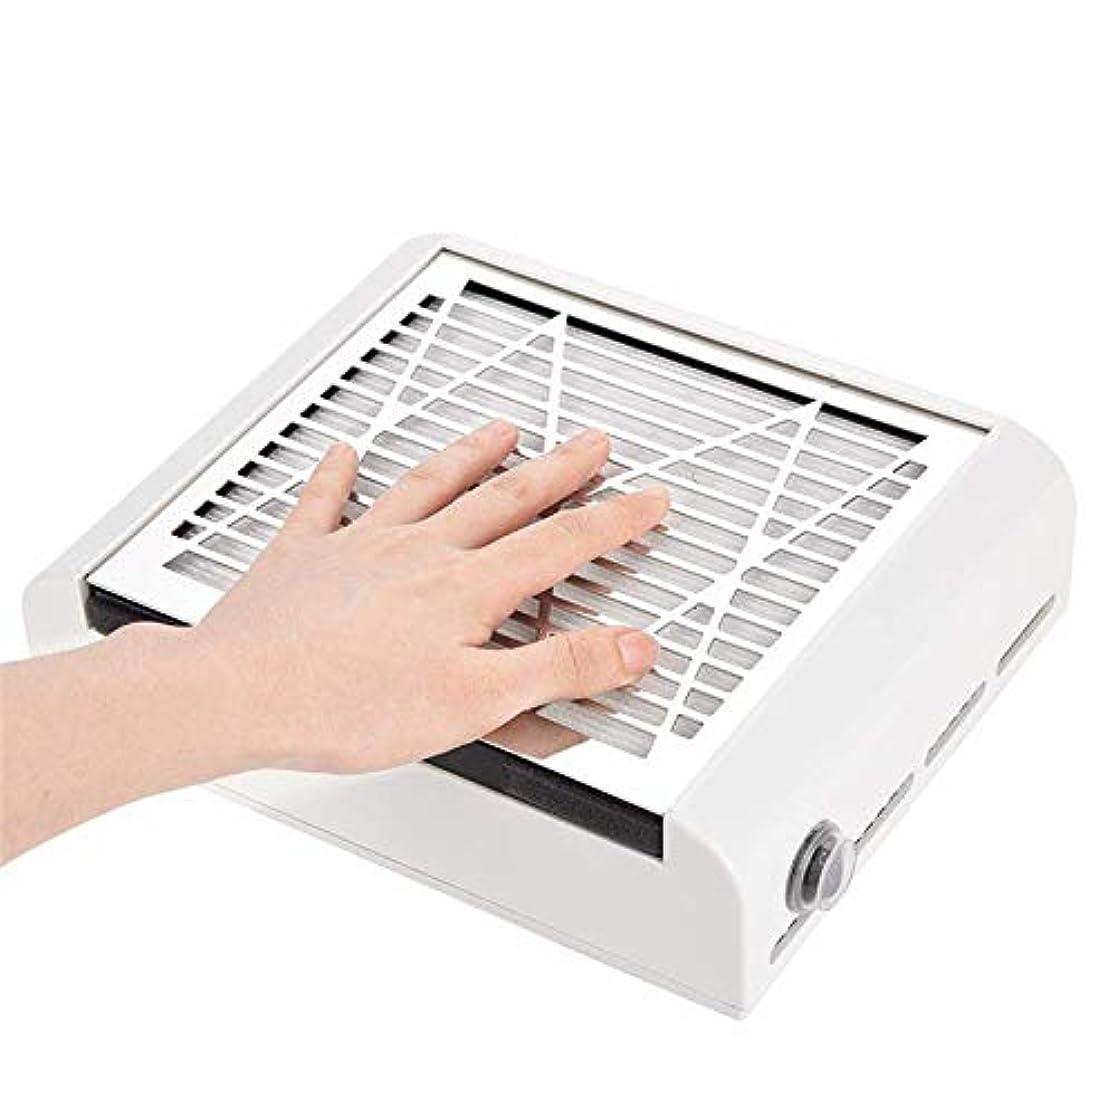 提案する発明する社員メタリックホワイト 集塵機 ダストクリーナー